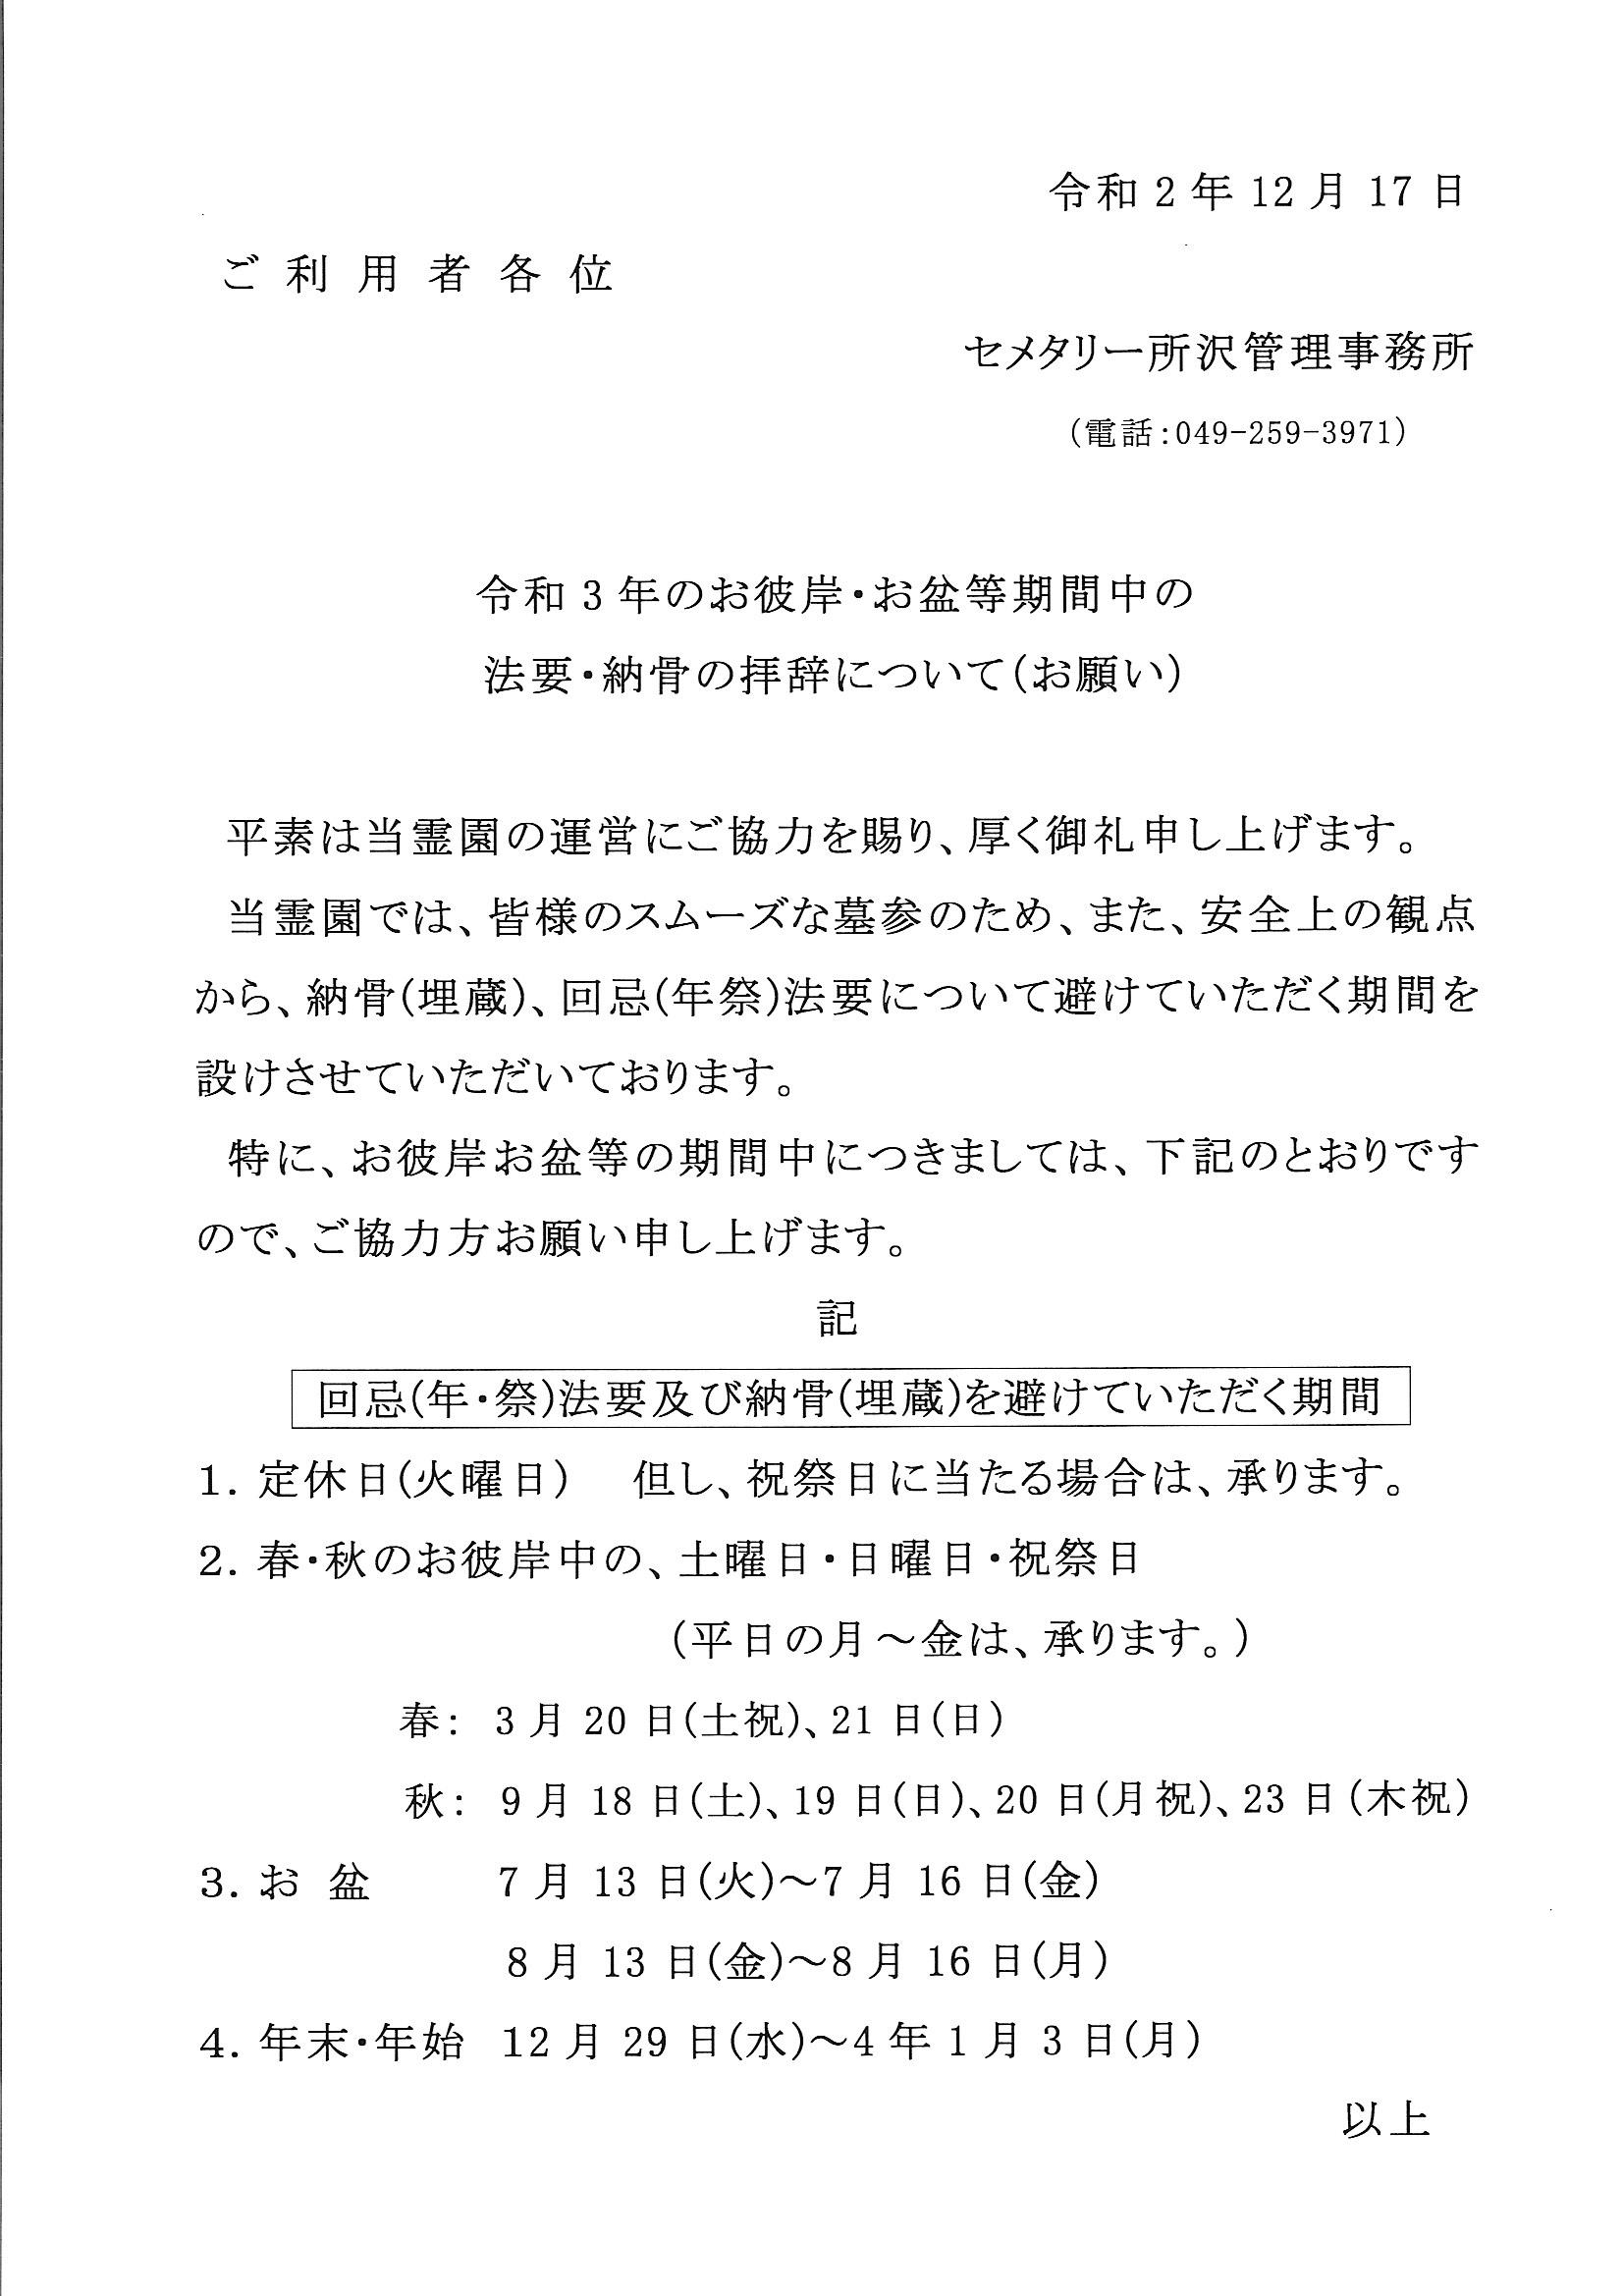 法要の拝辞期間について(令和3年)_d0264994_12055742.jpg